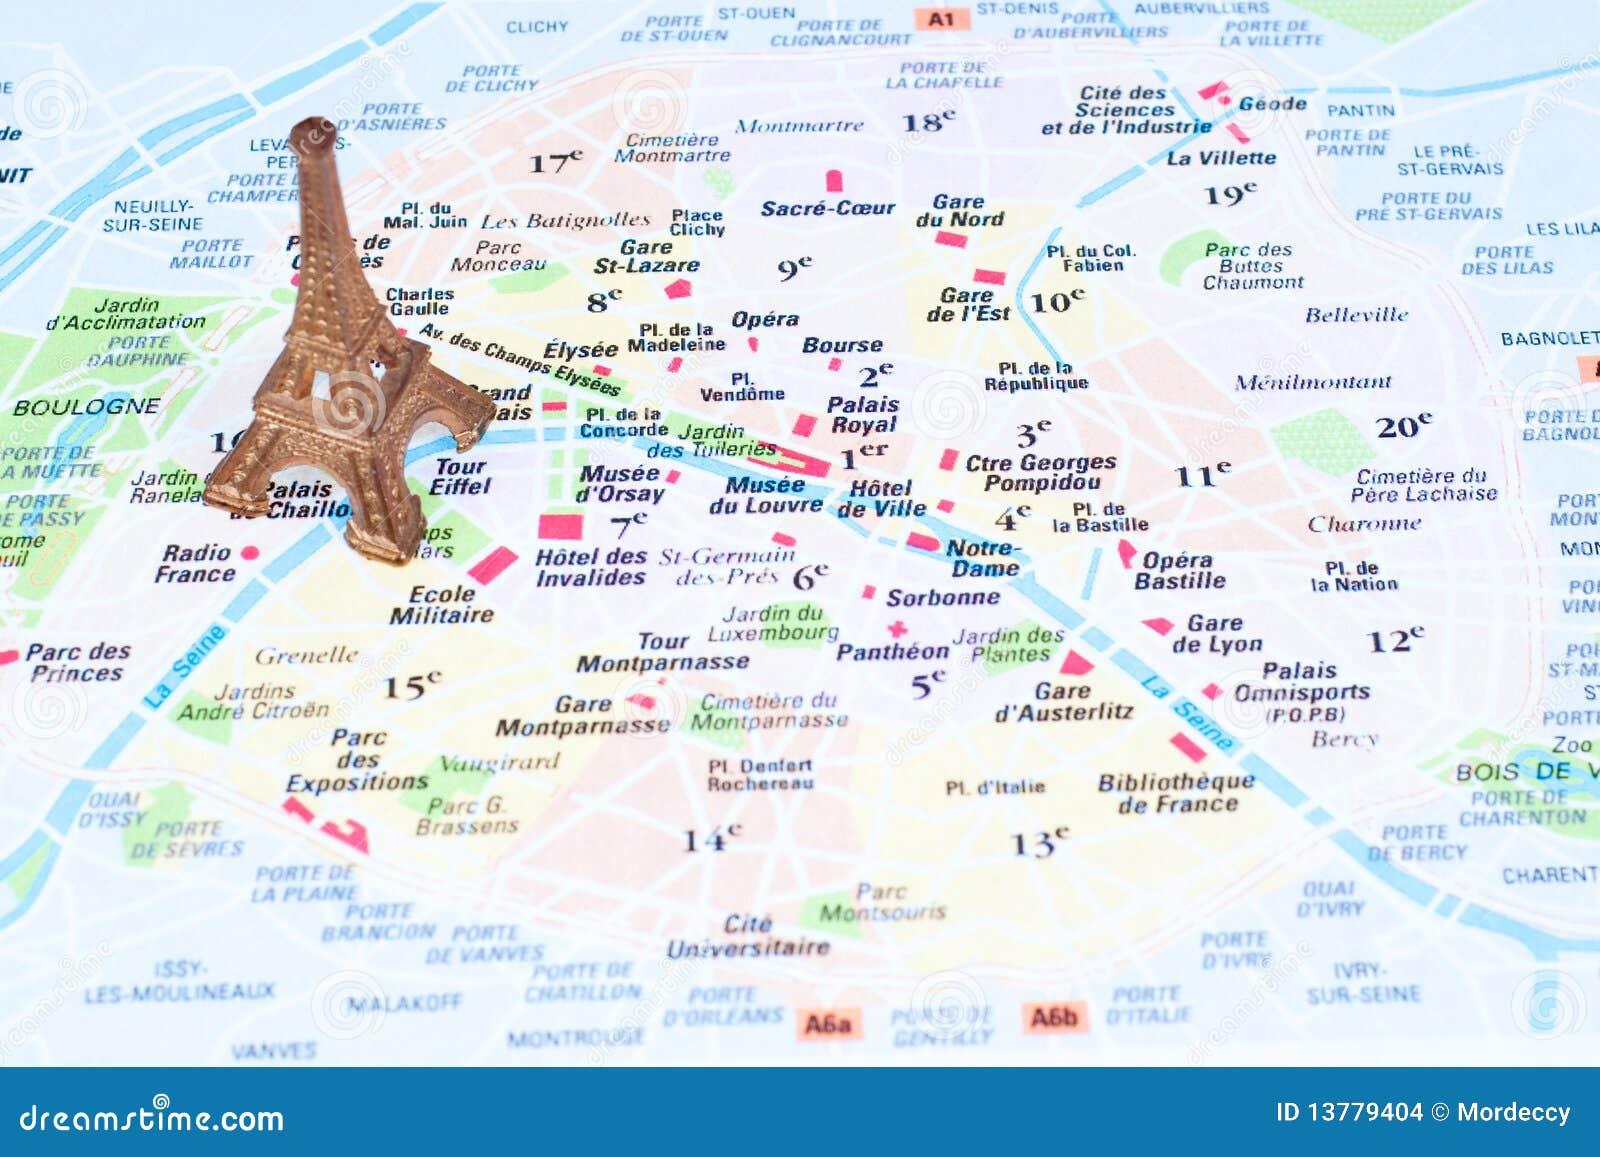 map of tourist attractions in paris with Stockbilder Eiffelturm Auf Einer Karte Von Paris Image13779404 on Munster Tourist Map in addition Paris Tourist Map besides Large Mauritius Tourist Map moreover Poitiers Sightseeing Map also Manhattan Attractions Map.